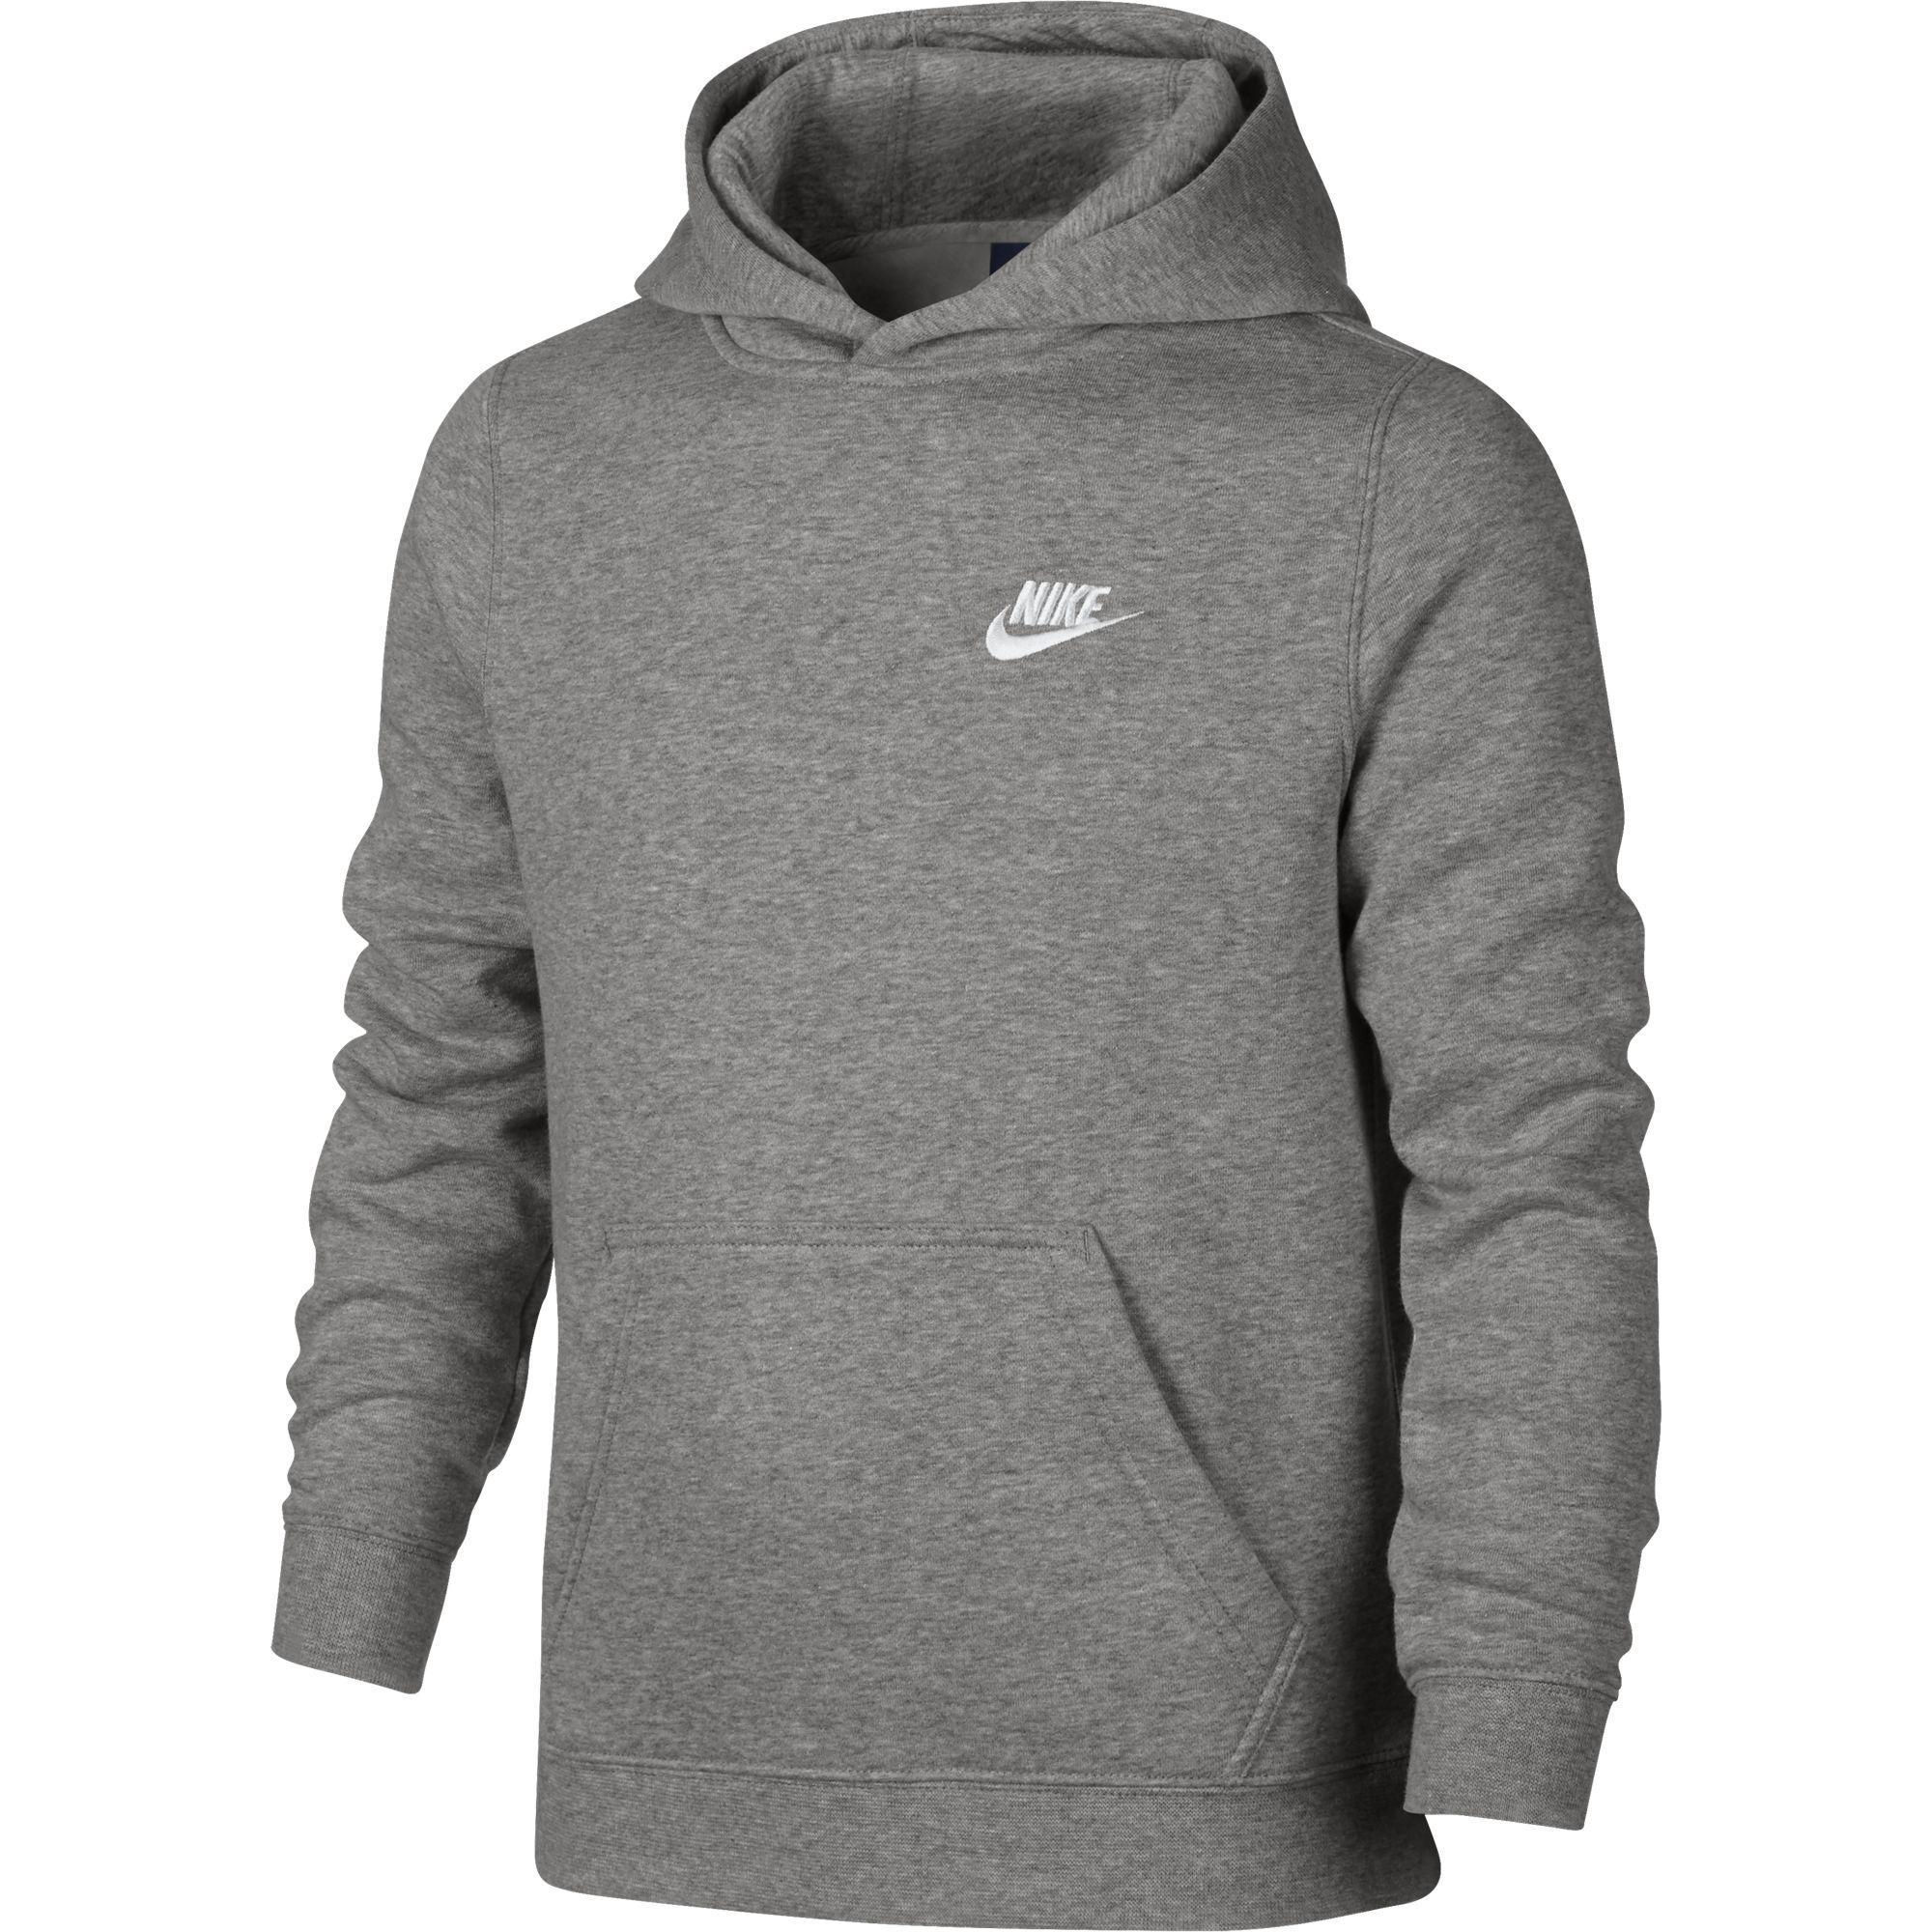 Nike Boys Sportswear Hoodie - Dark Grey - Tennisnuts.com